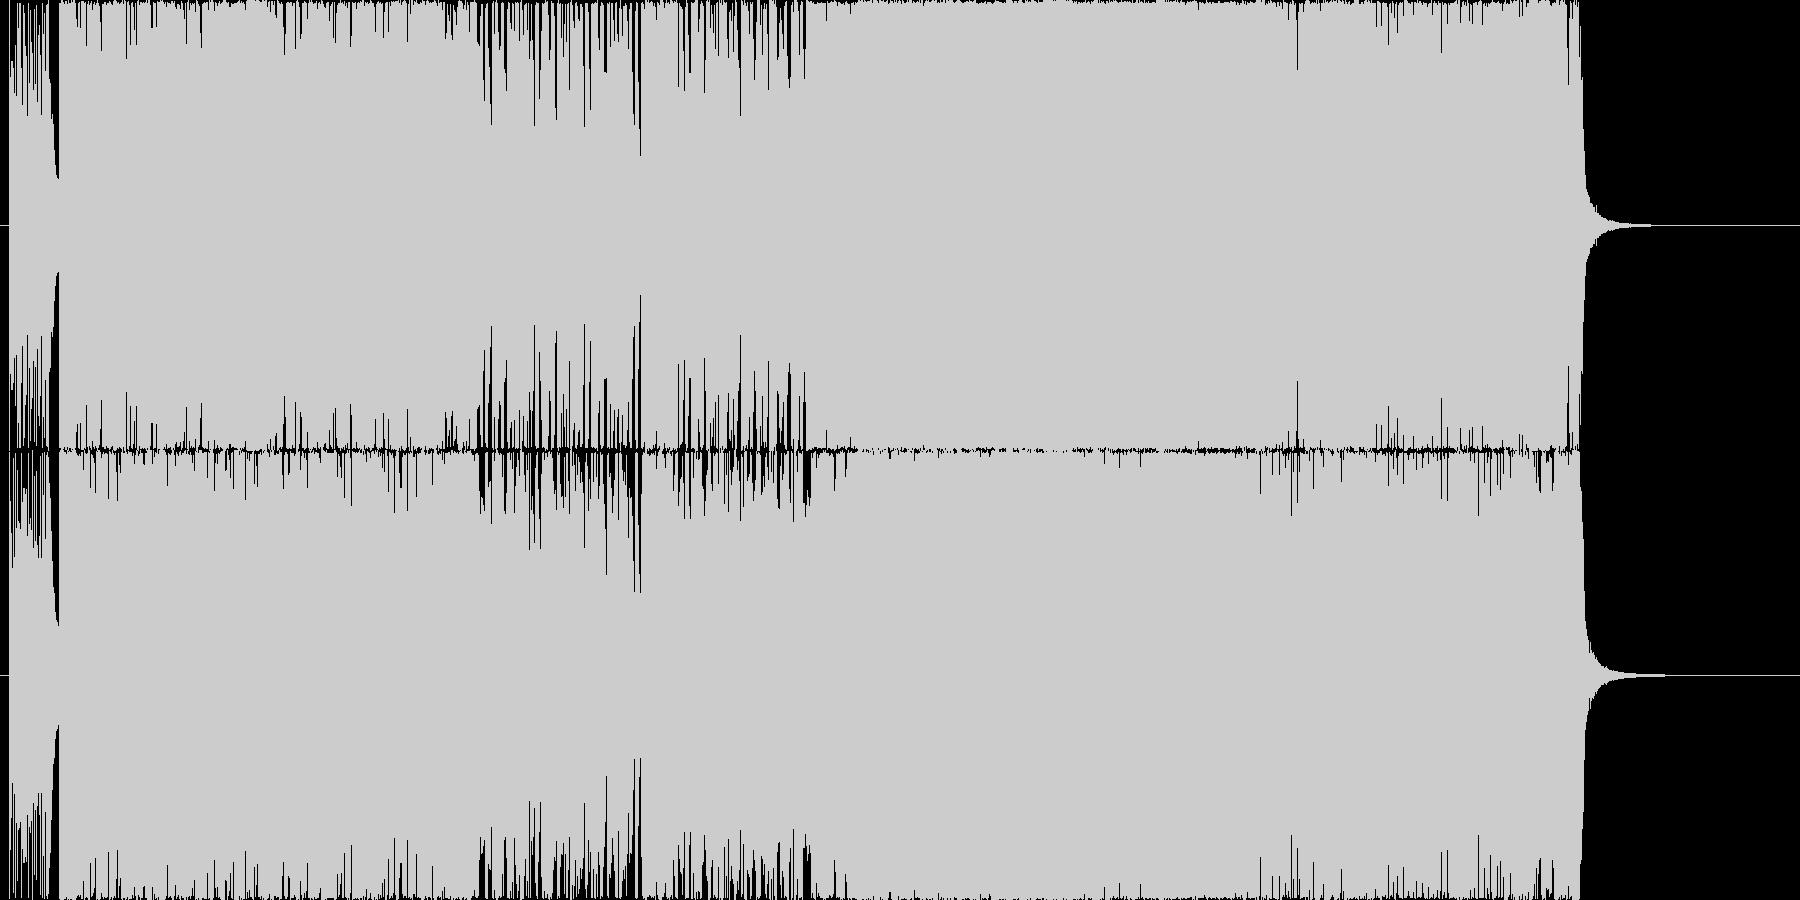 ヘヴィで攻撃的なサウンドの未再生の波形